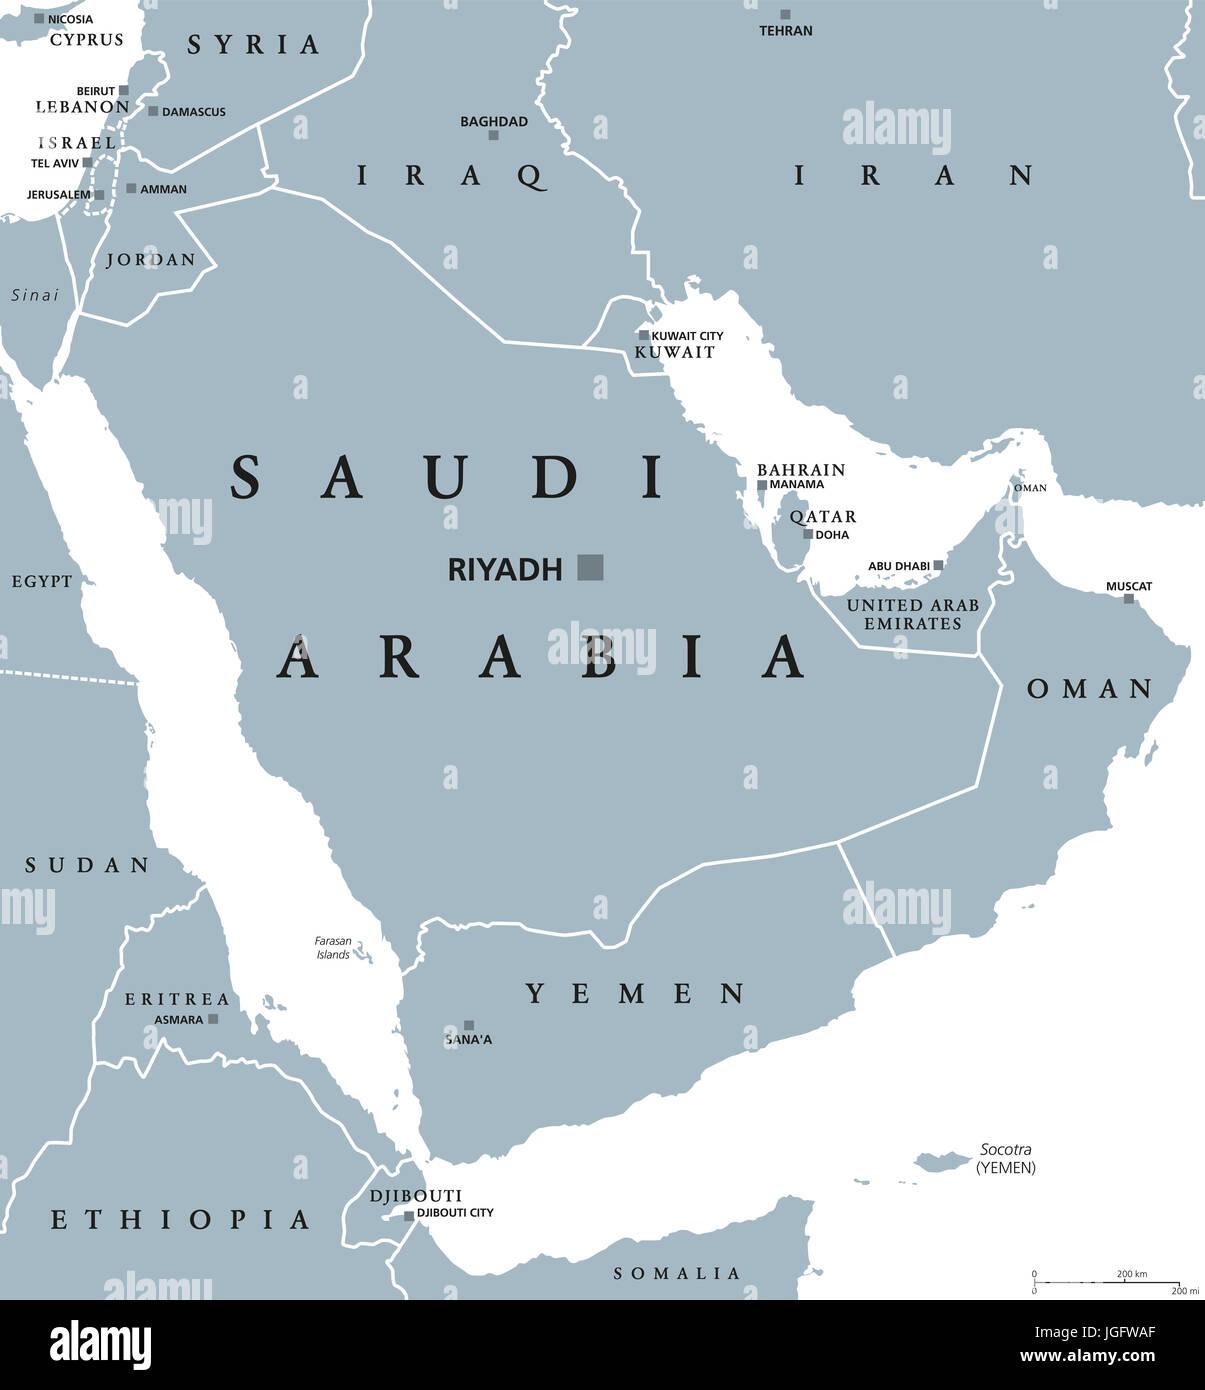 Saudi Arabia political map with capital Riyadh Kingdom and Arab